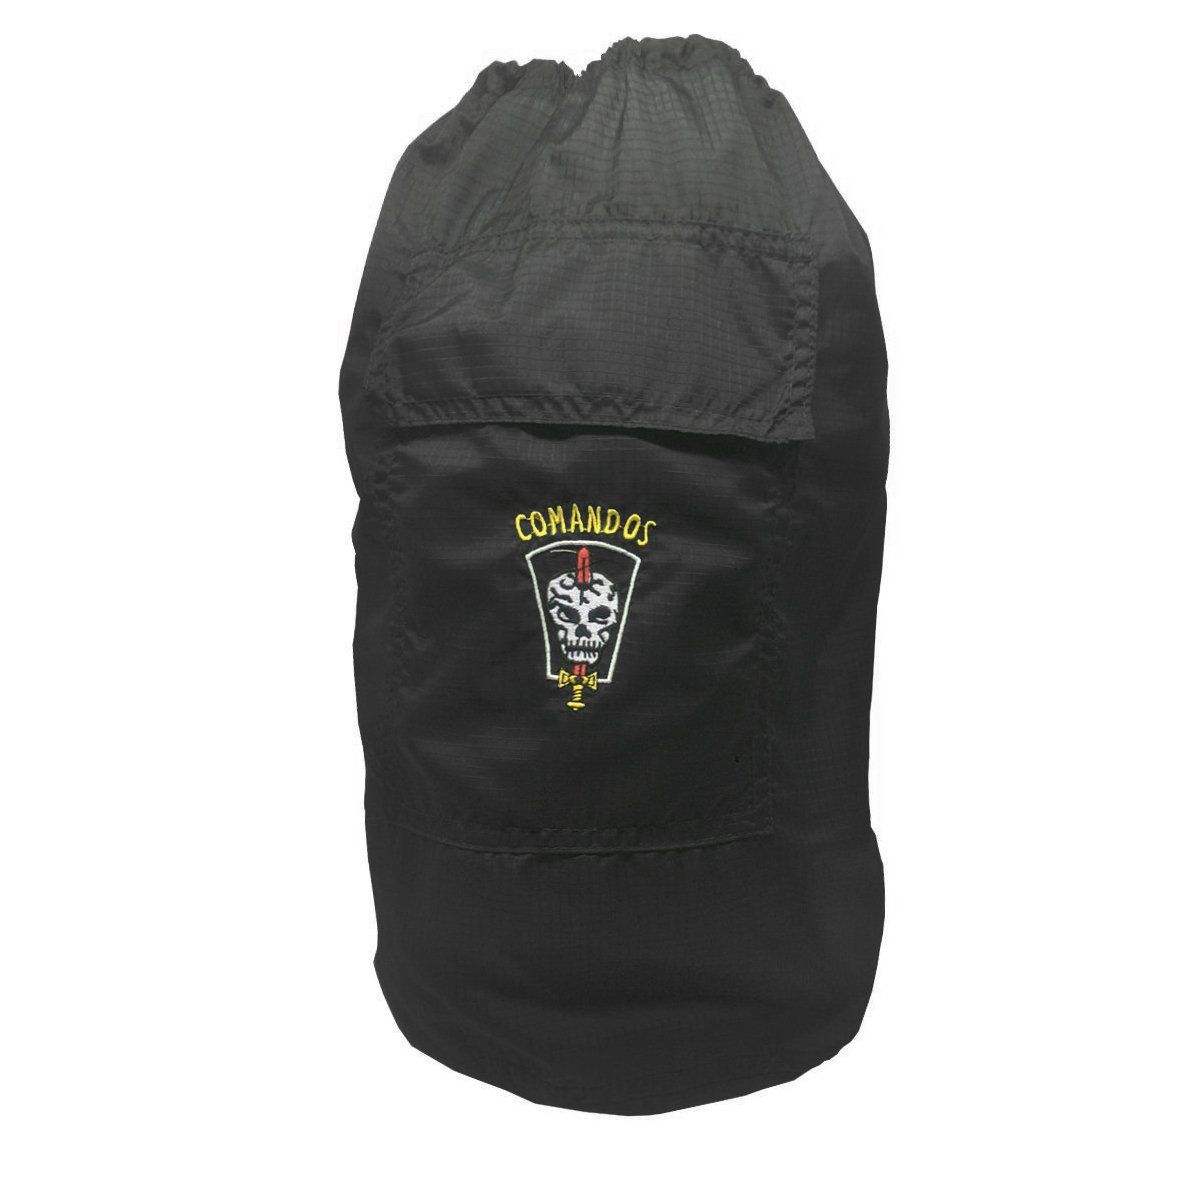 6cca974ad camping essenciais mochilas e sacos sacola de tela joga modelo ...